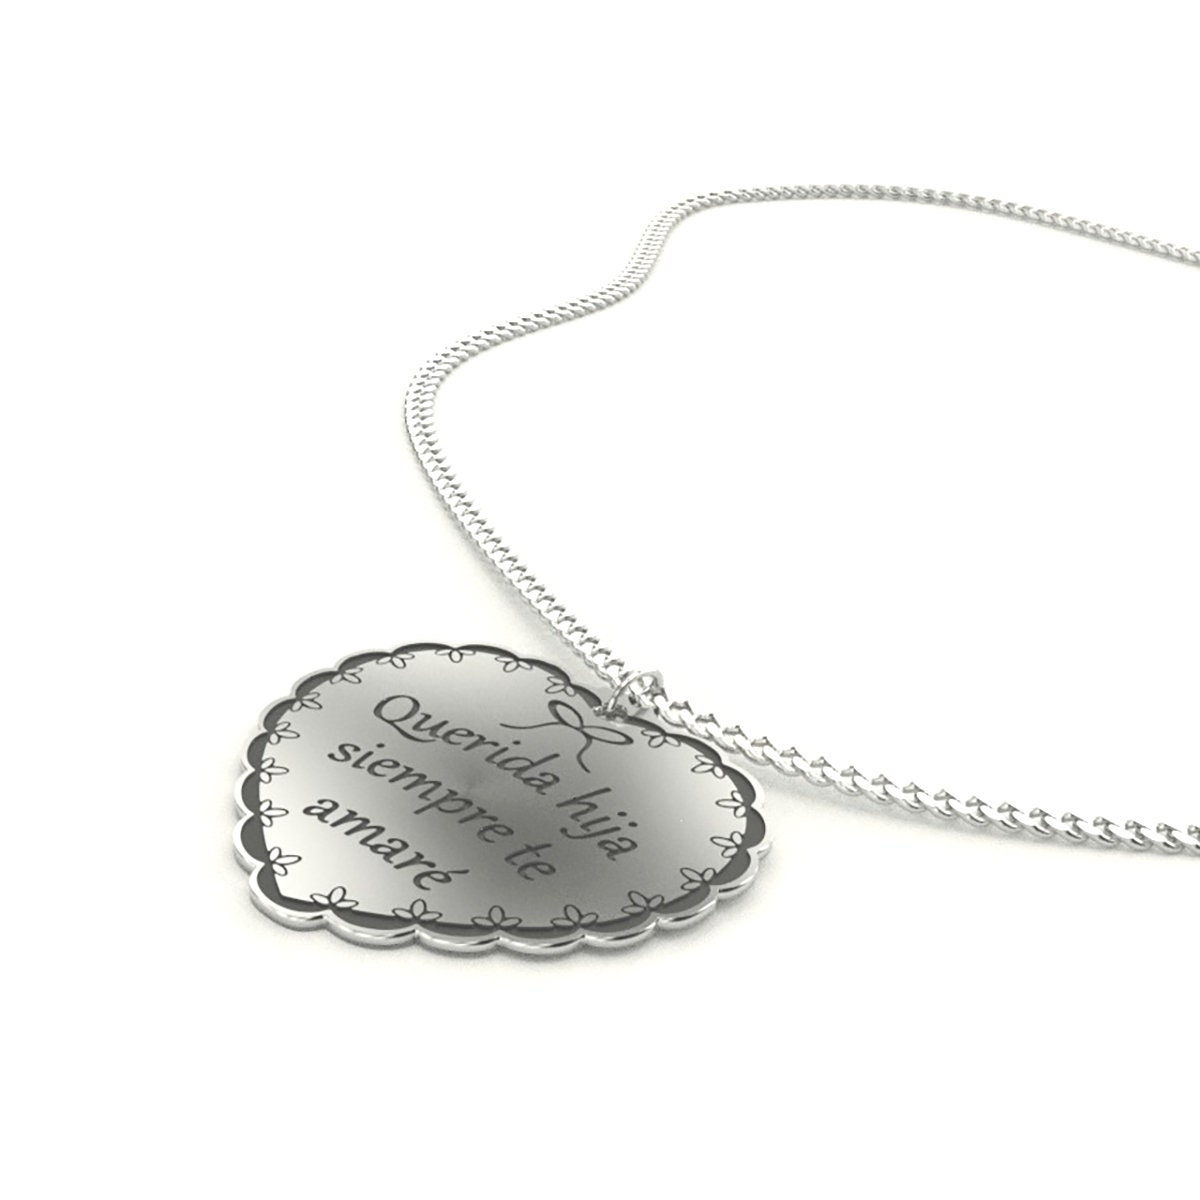 Collar corazon de plata regalo para mi hija Quinceanera  e3adc33ed99